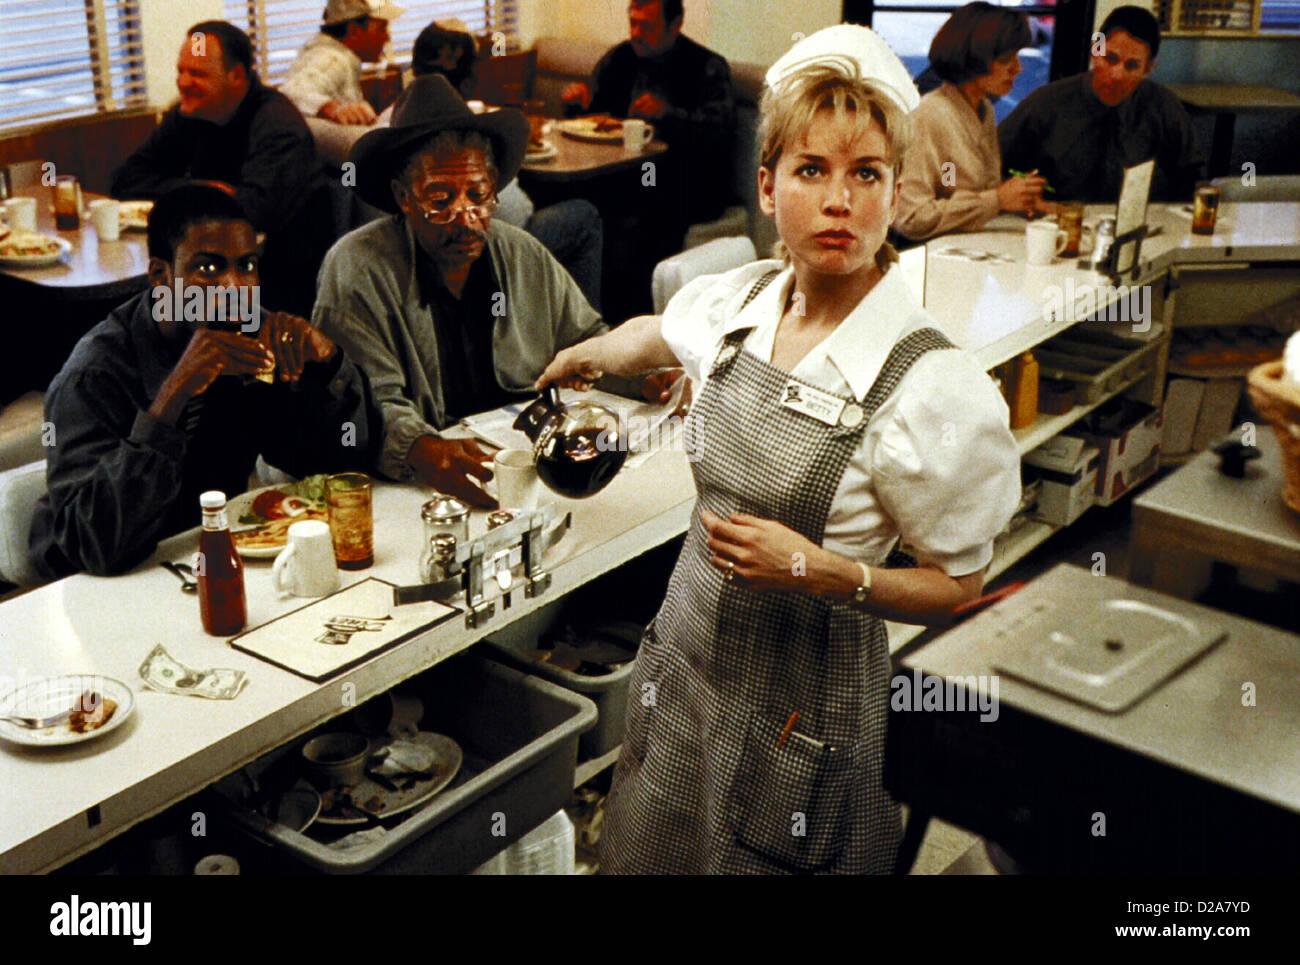 Mikie Hara (b. 1987) Hot fotos Mariel Pamintuan (b. 1998),Sharon Baird